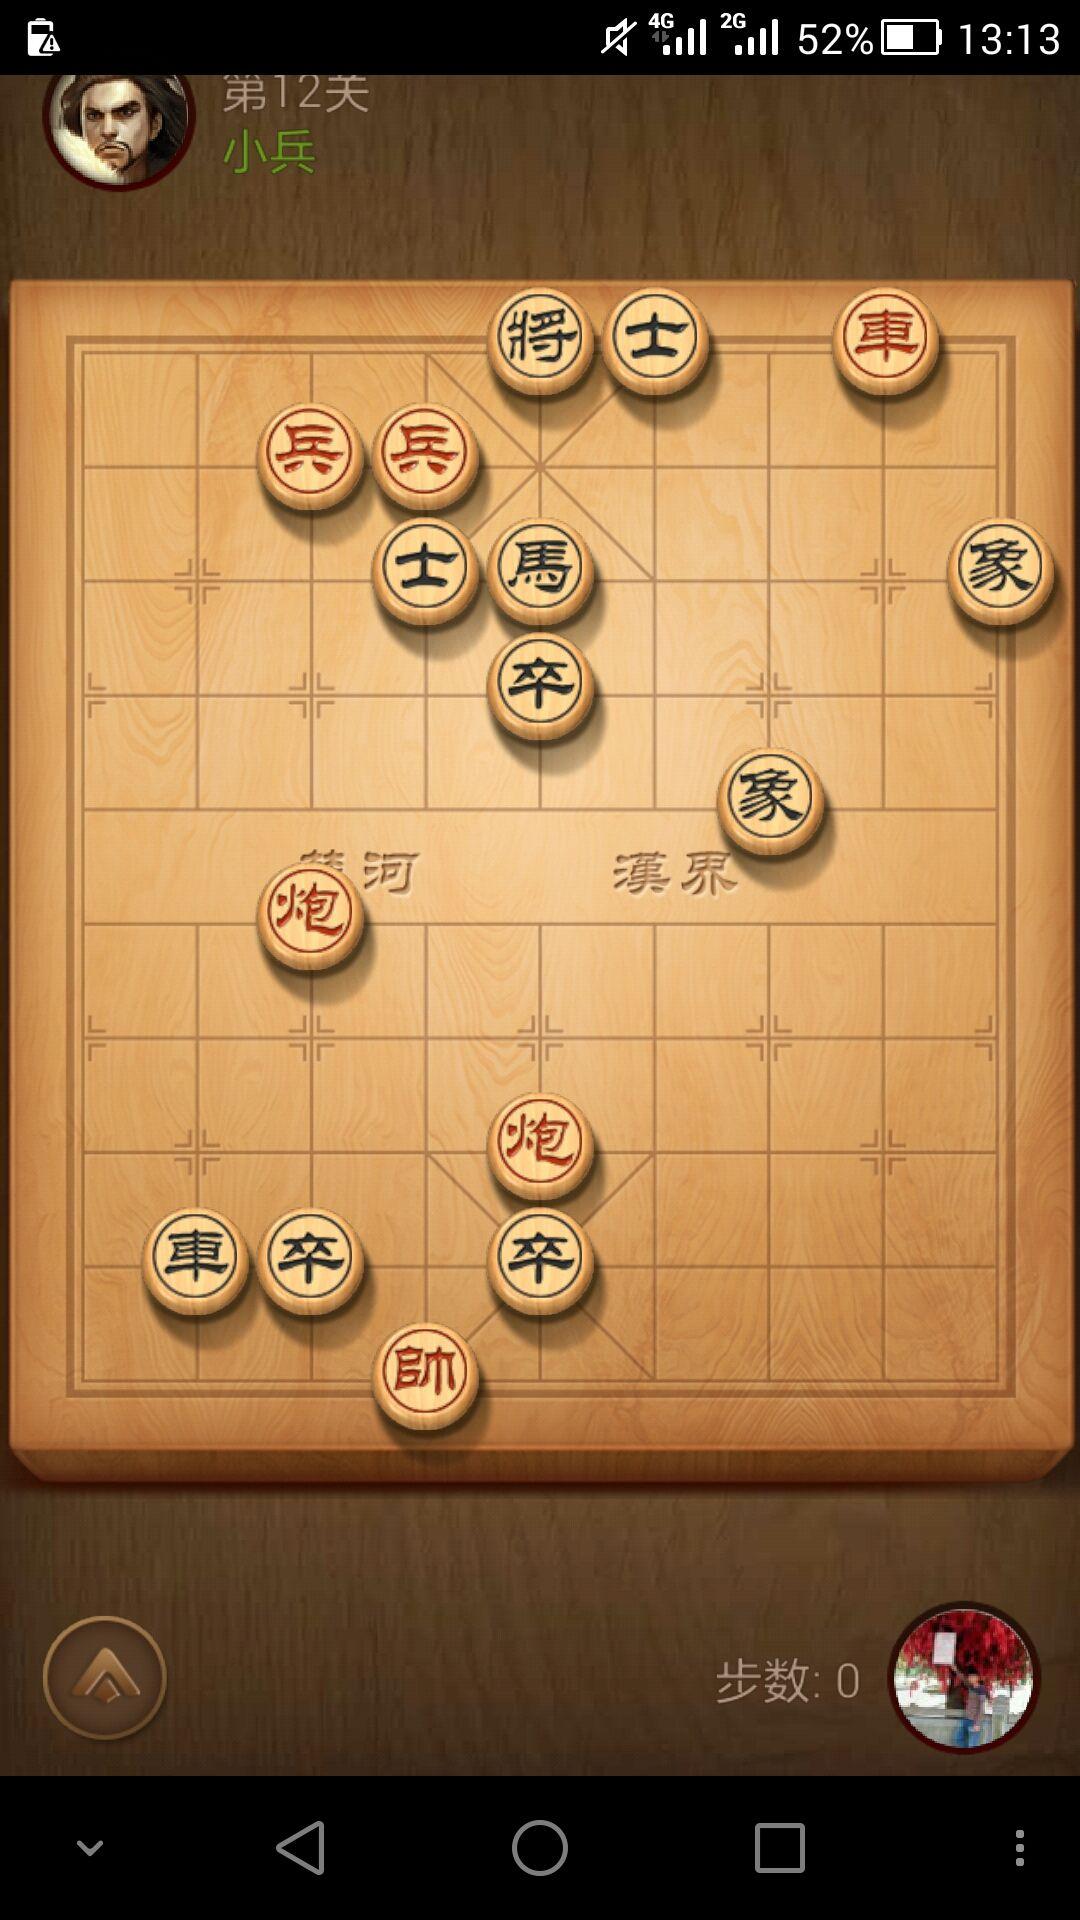 腾讯天天象棋残局第12关怎么闯关